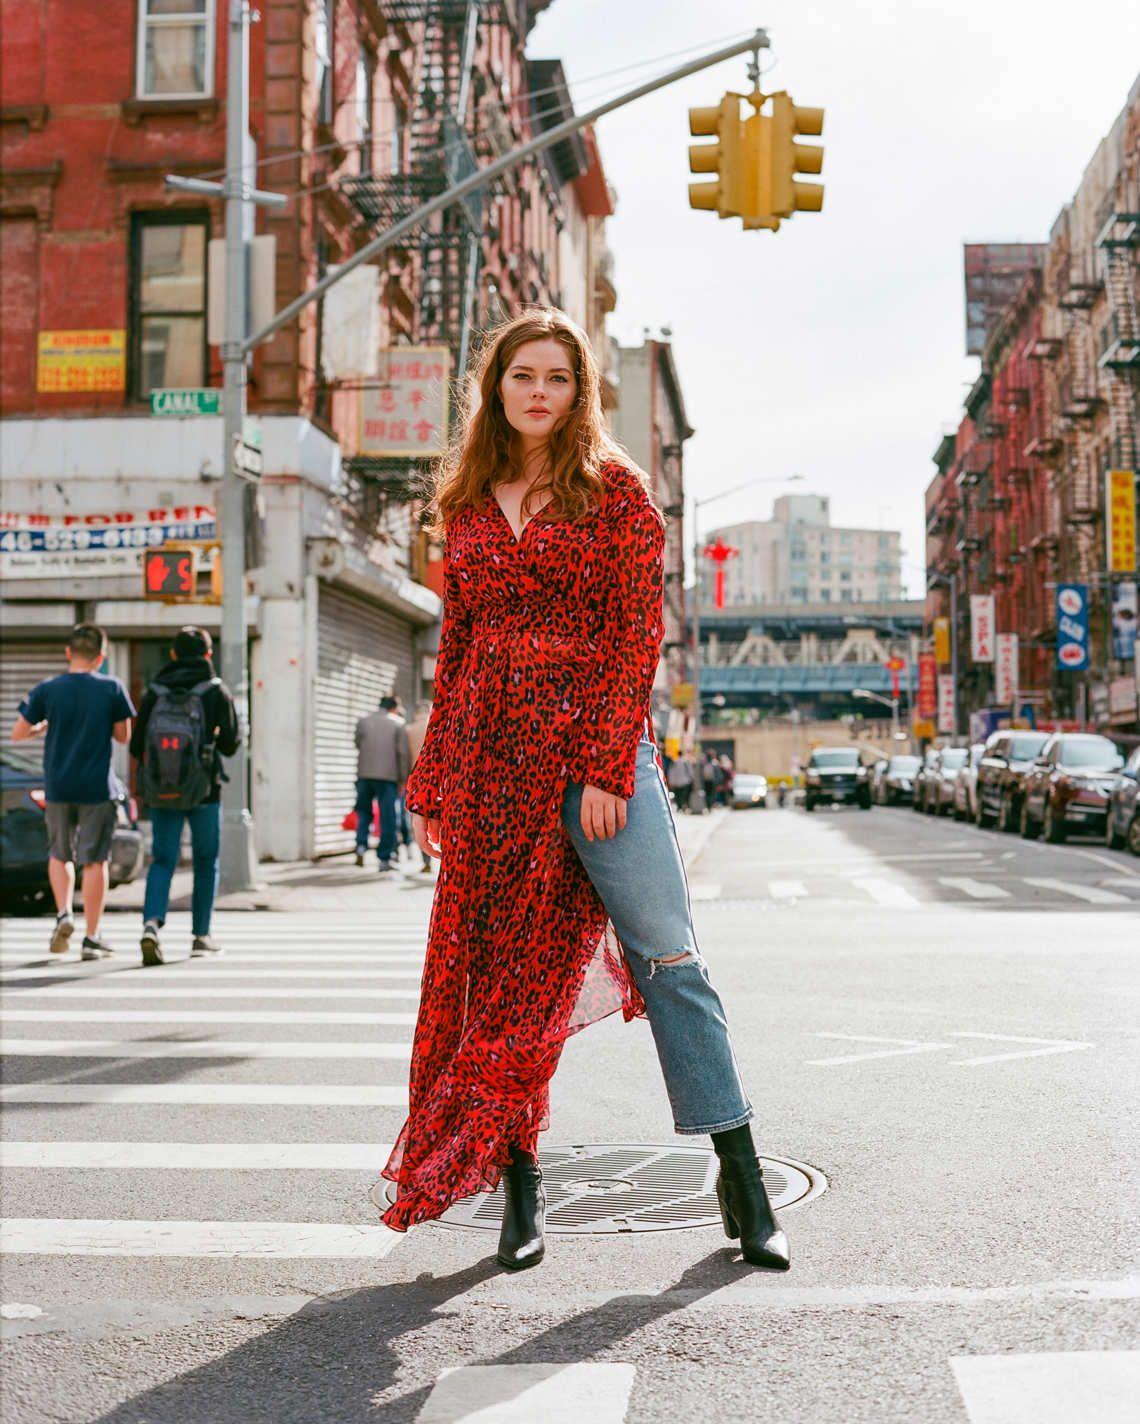 Street style mùa hè với đầm voan dài xẻ tà phối cùng quần jeans